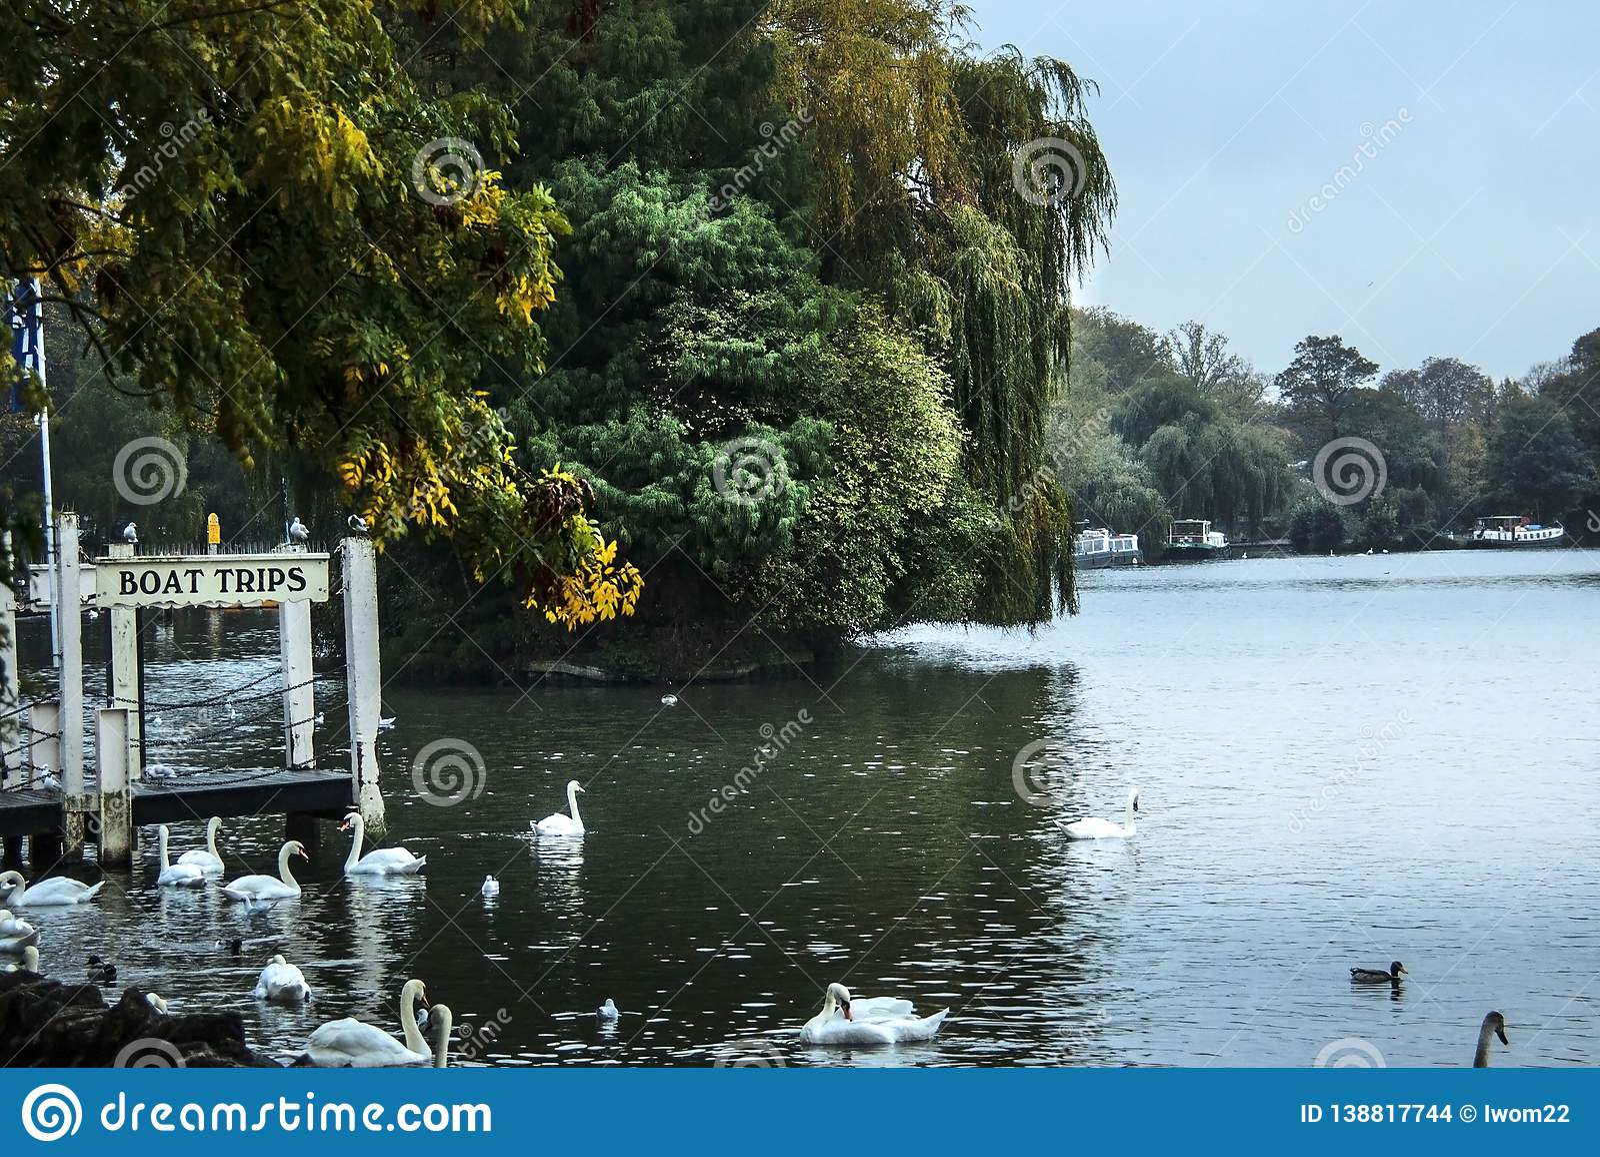 River Thames. Windsor, Berkshire, England, UK